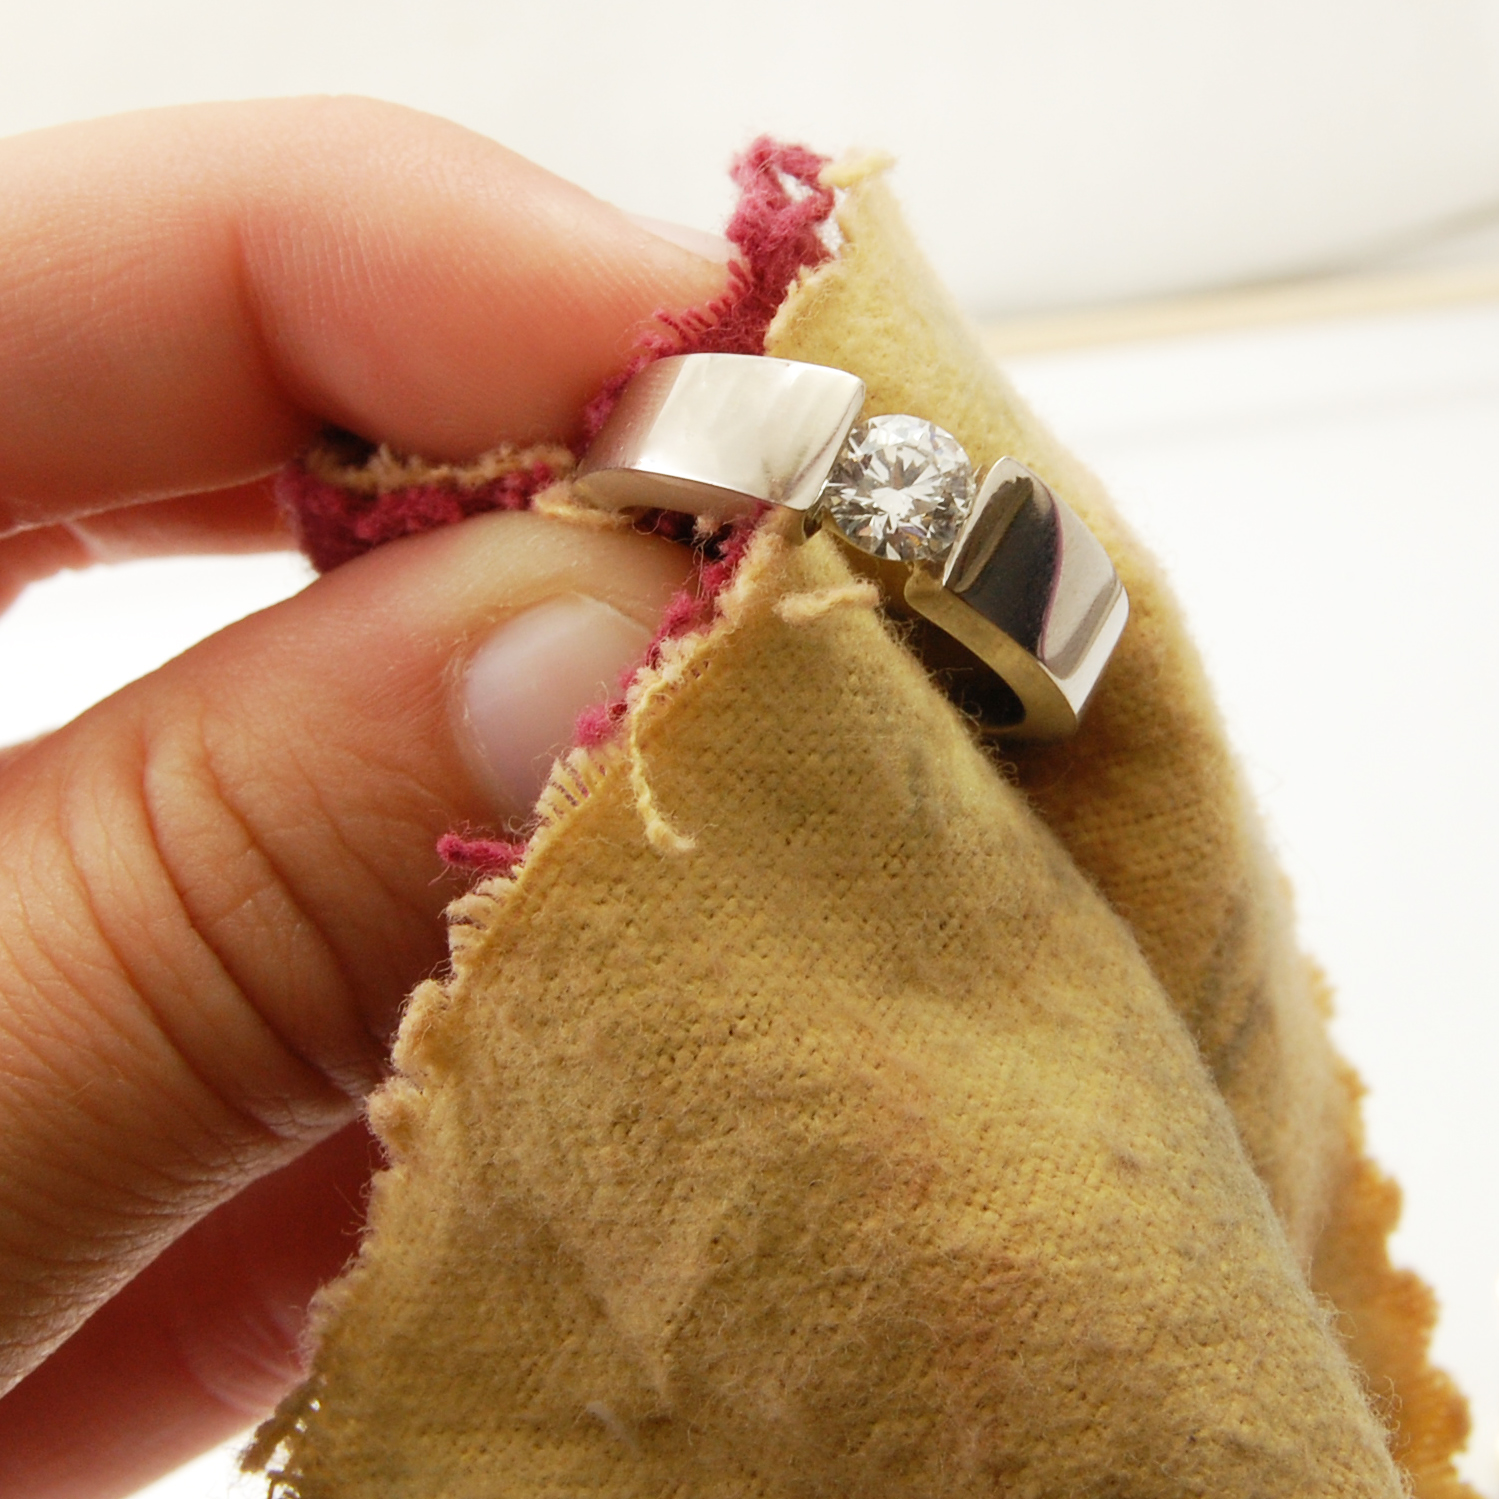 Cu ce se curata aurul? Afla ponturi utile despre cum se curata bijuteriile din aur